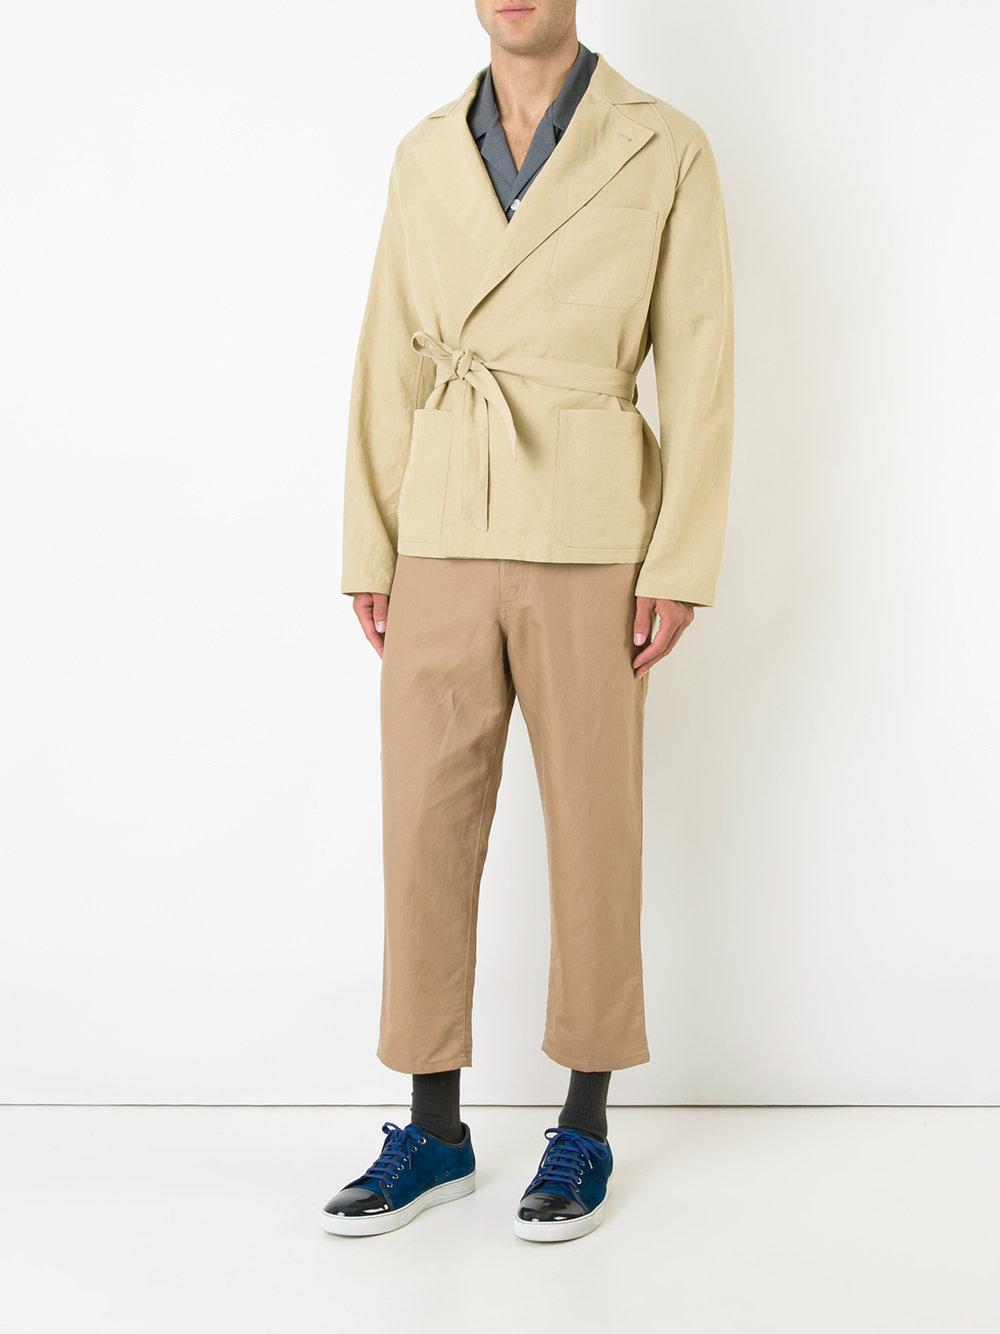 AURALEE Drawstring Jacket in Yellow/Orange (Natural) for Men